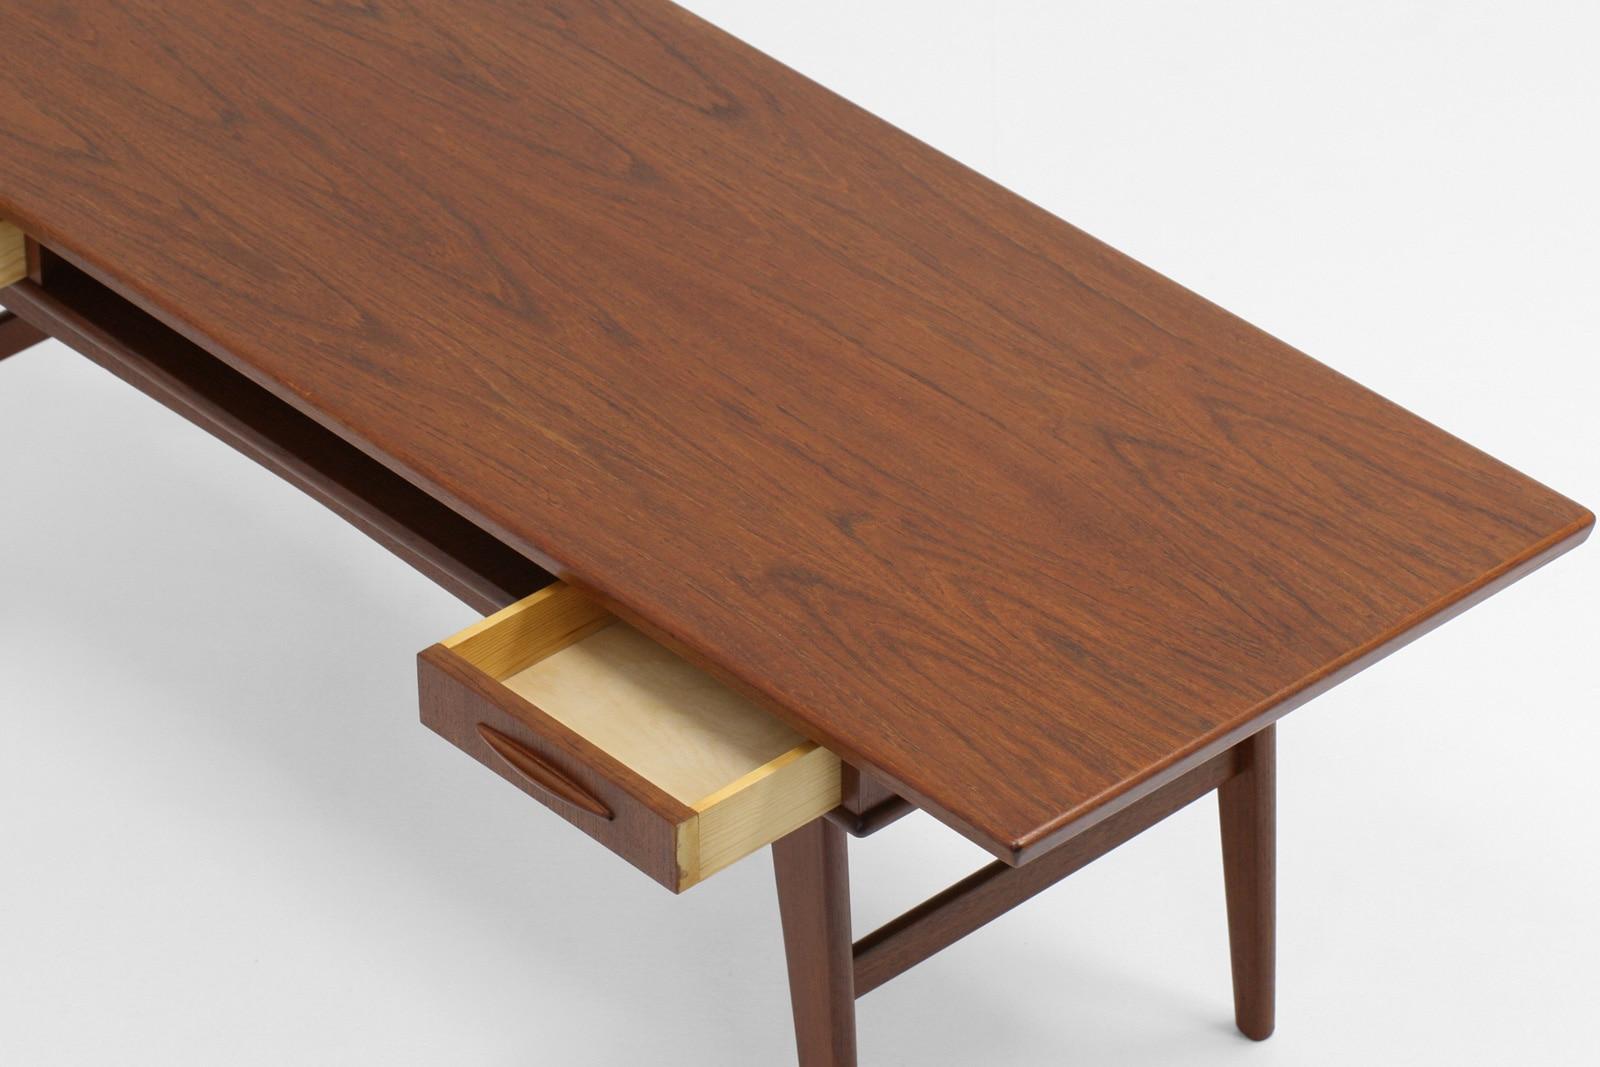 北欧,家具,ヴィンテージ,コーヒーテーブル,棚,引き出し付き